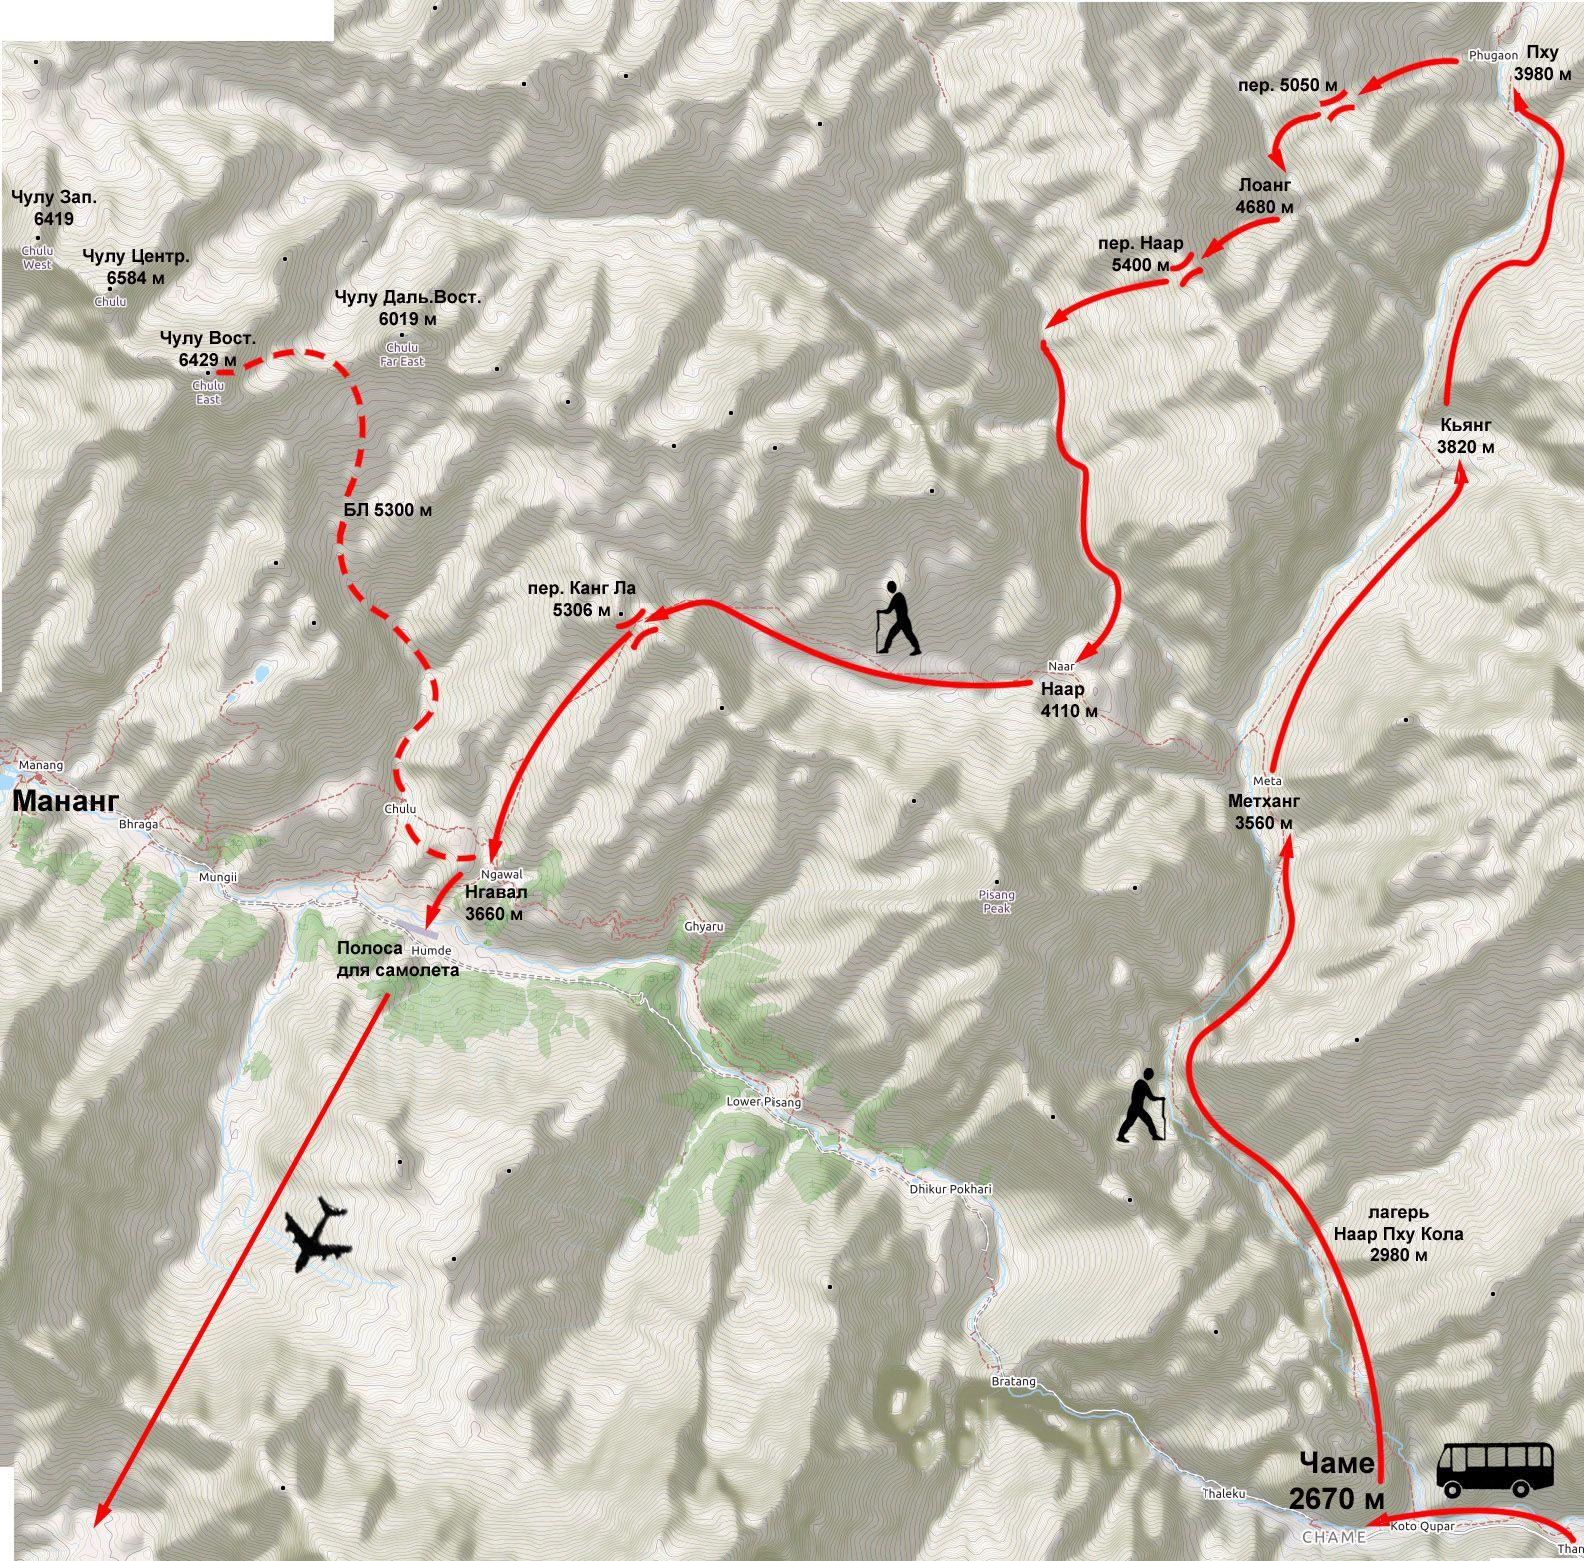 Схема маршрута в долины Наар и Пху с восхождением на Чулу Восточная